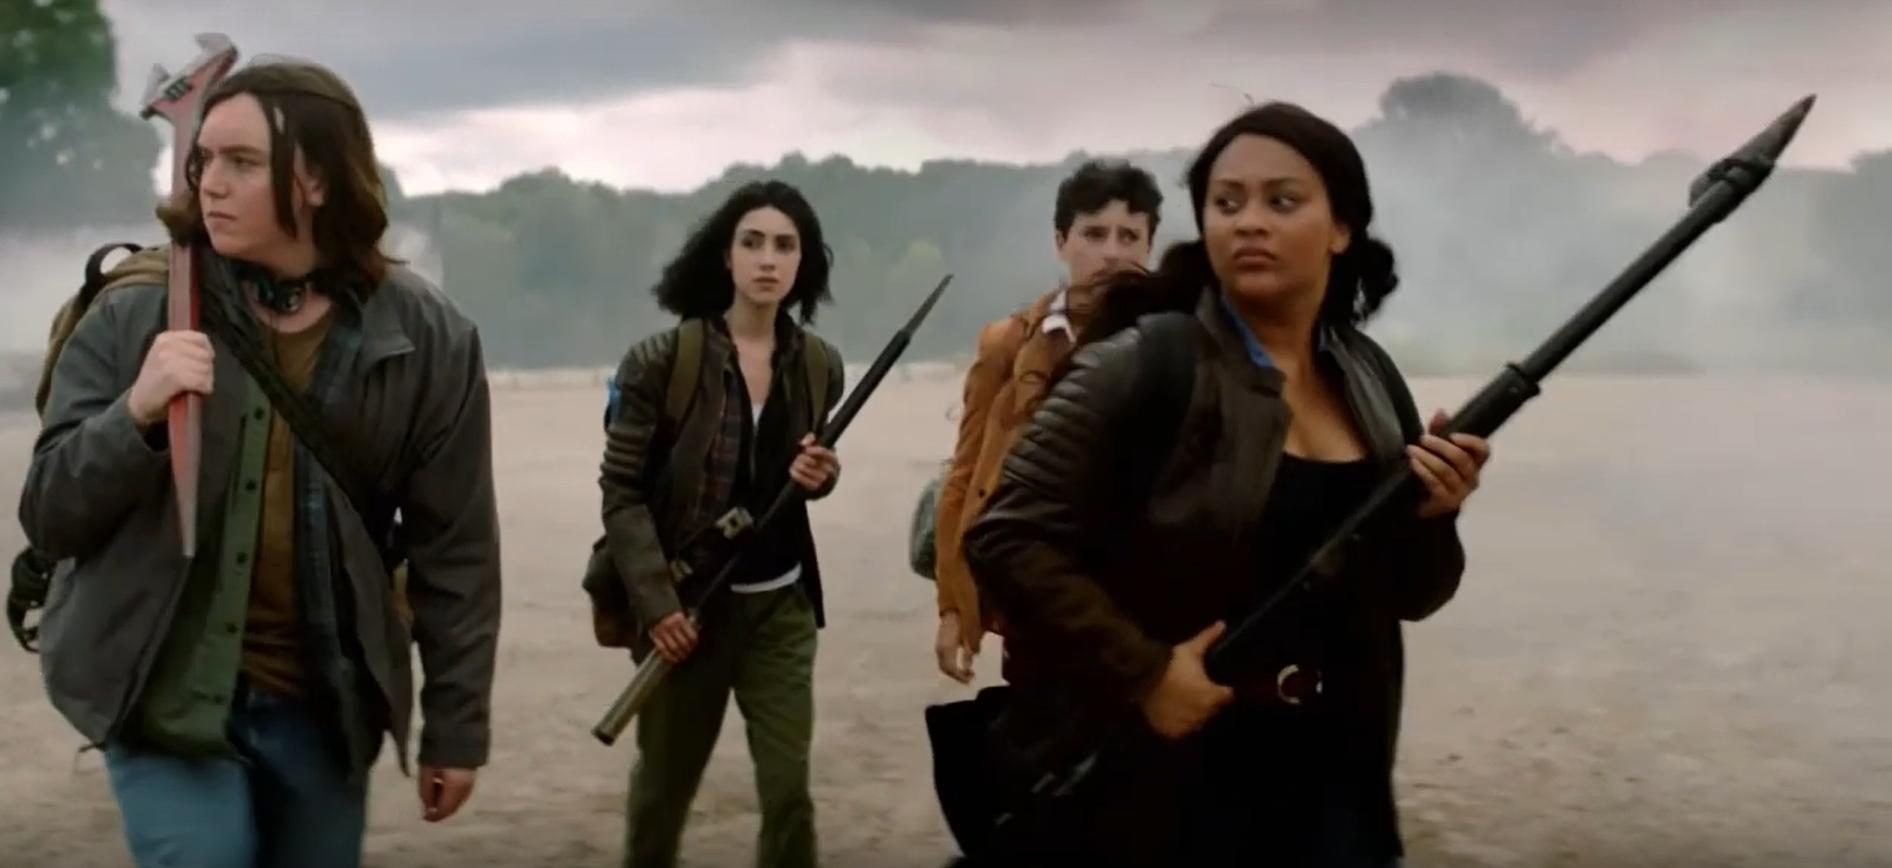 """The Walking Dead já passou da hora de acabar! """"World Beyond"""", nova série do AMC, transforma apocalipse zumbi em drama adolescente"""